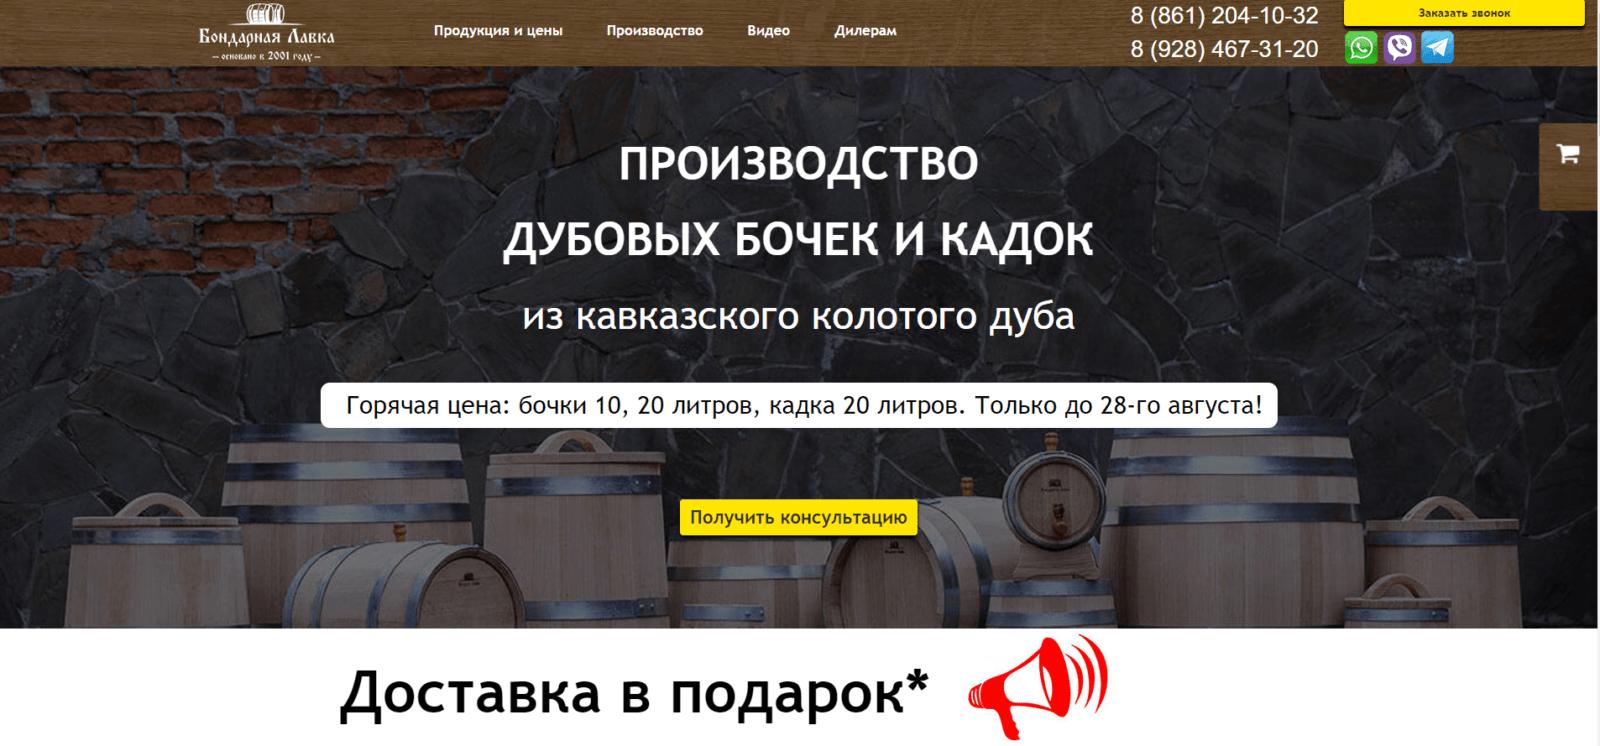 Создание сайта по продаже бочек из колотого дуба